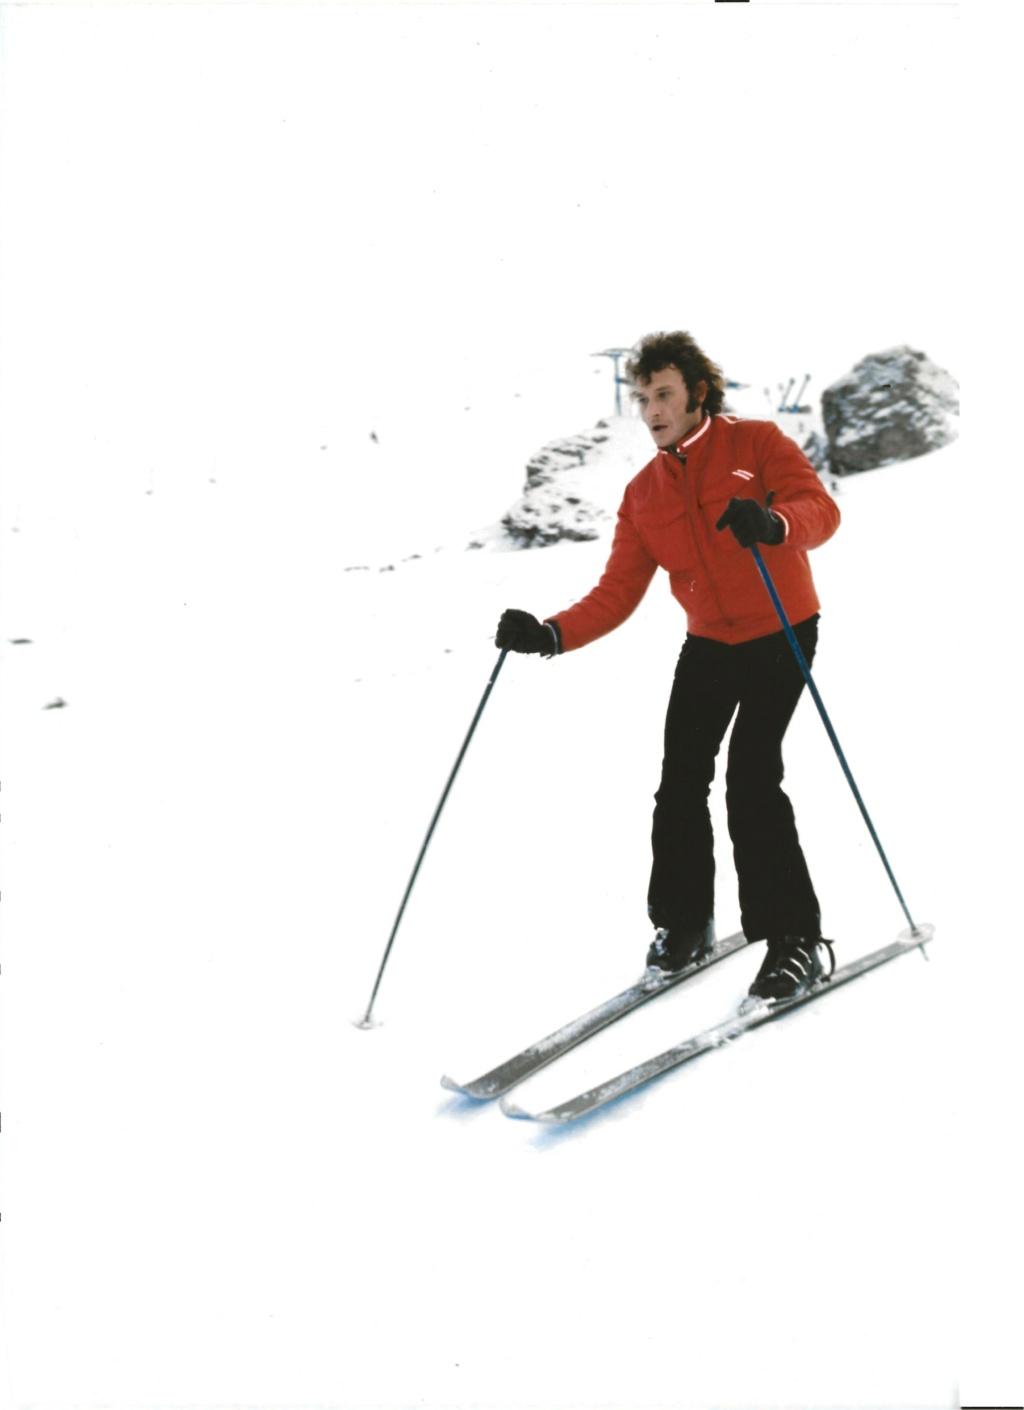 LES PHOTOS DE CANAILLES2 - Page 5 Ski_ph11